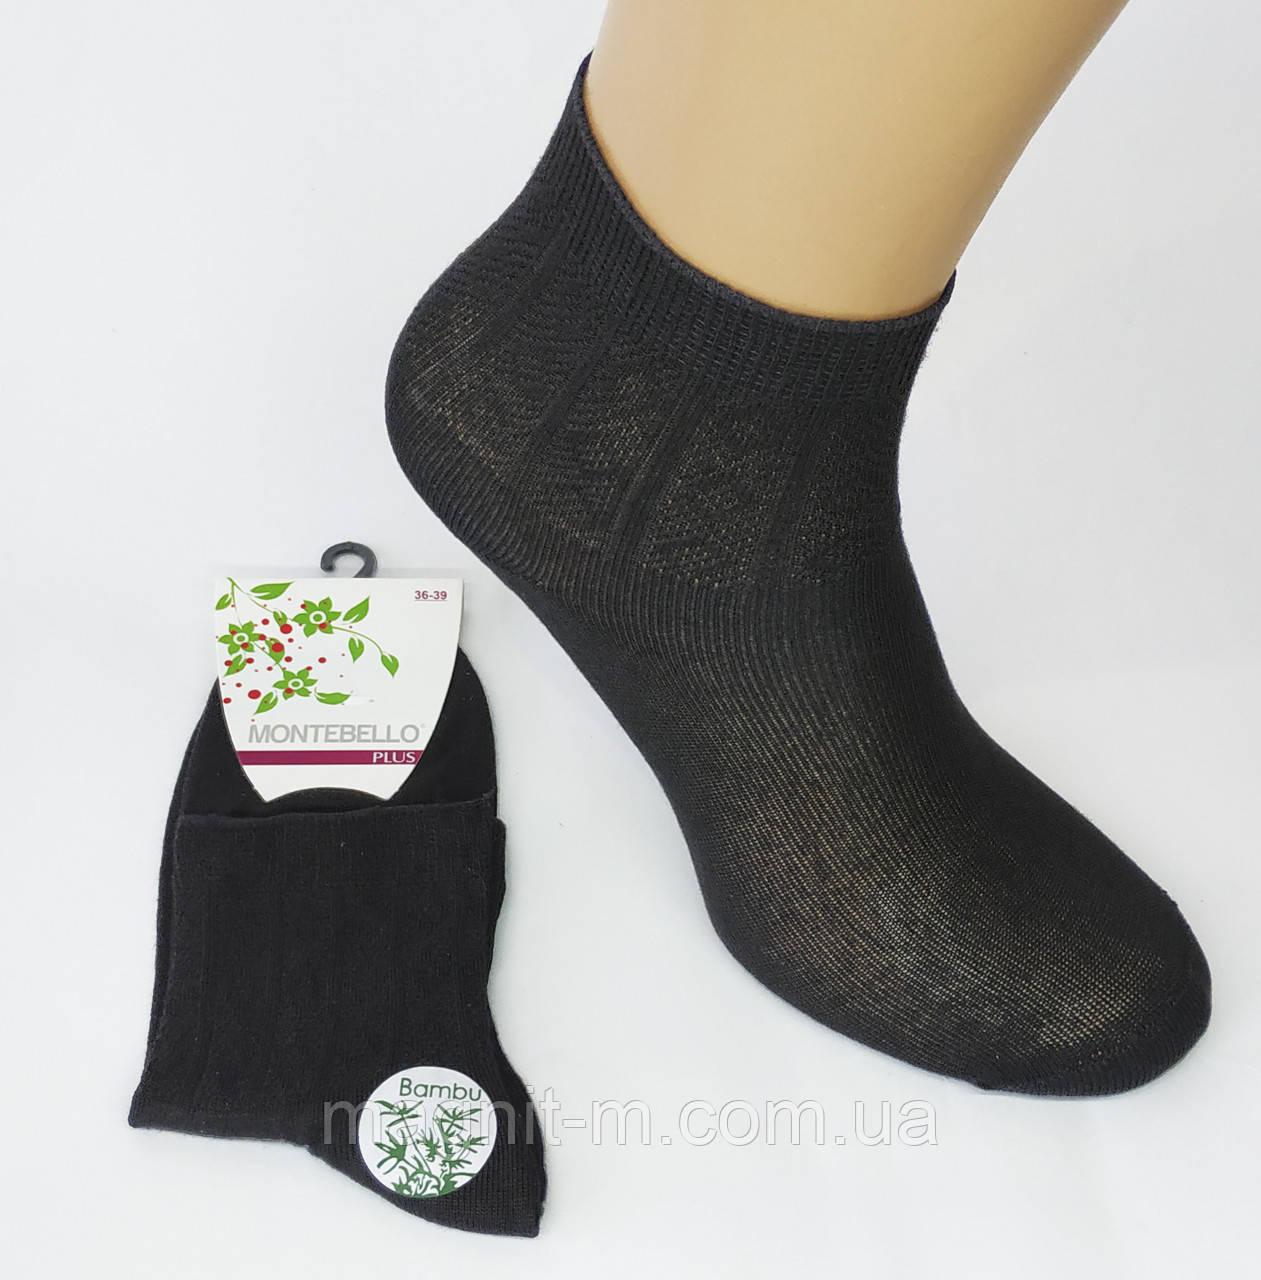 """Женские укороченные стрейчевые носки """"Montebello plus"""". Хлопок. Черный цвет."""